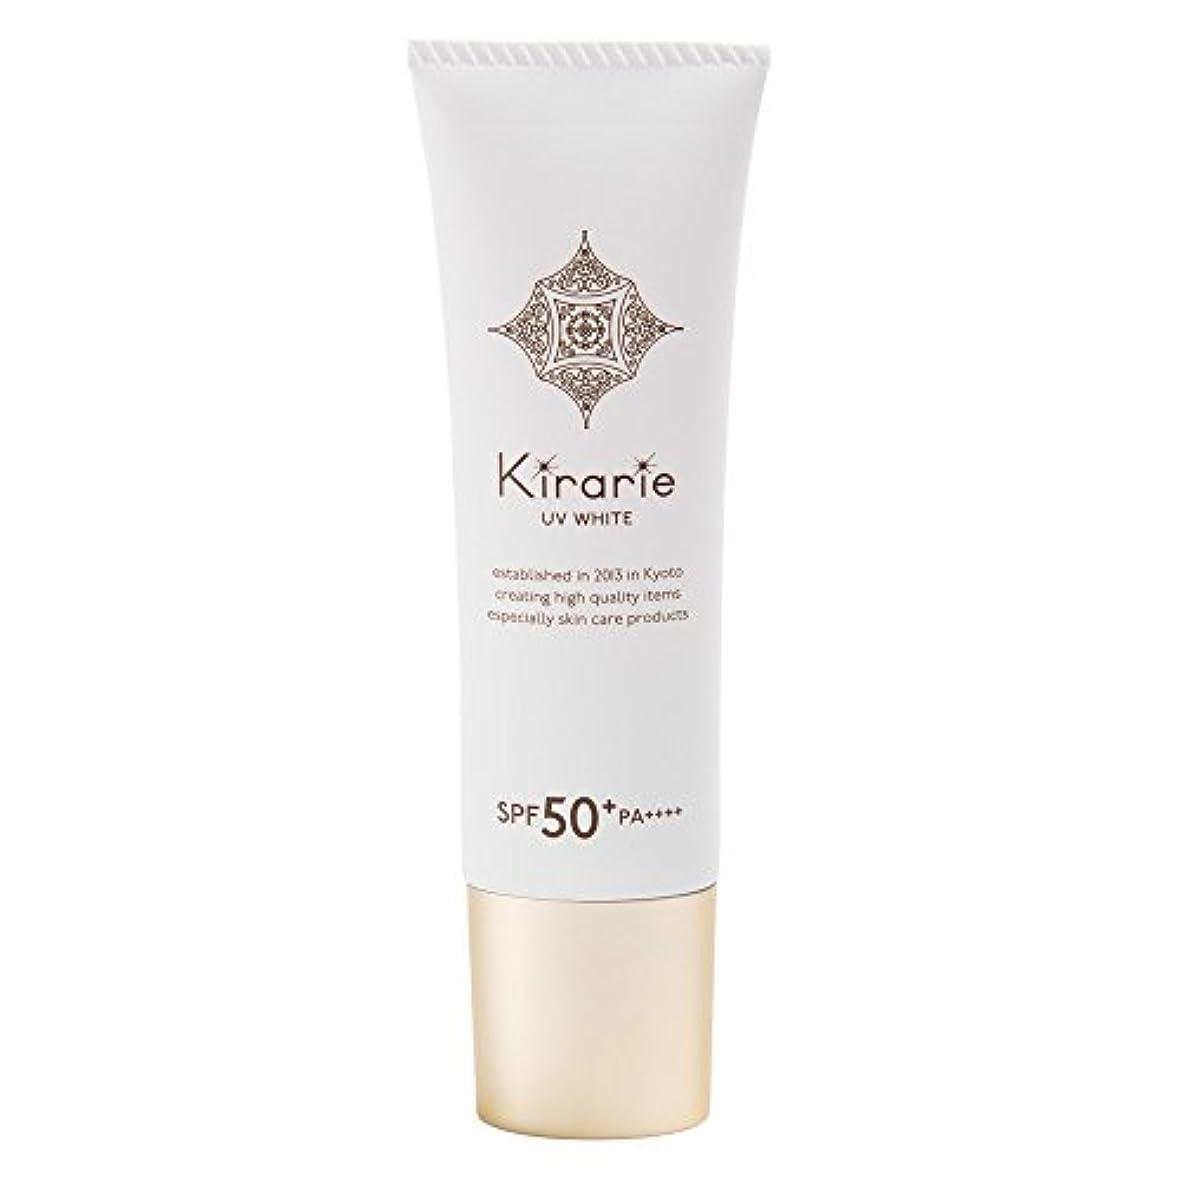 密接にセーターコロニーキラリエUVホワイト 25g 日焼け止めクリーム SPF50+プラス PA++++ フォープラス 医薬部外品 薬用美白UVクリーム 化粧下地